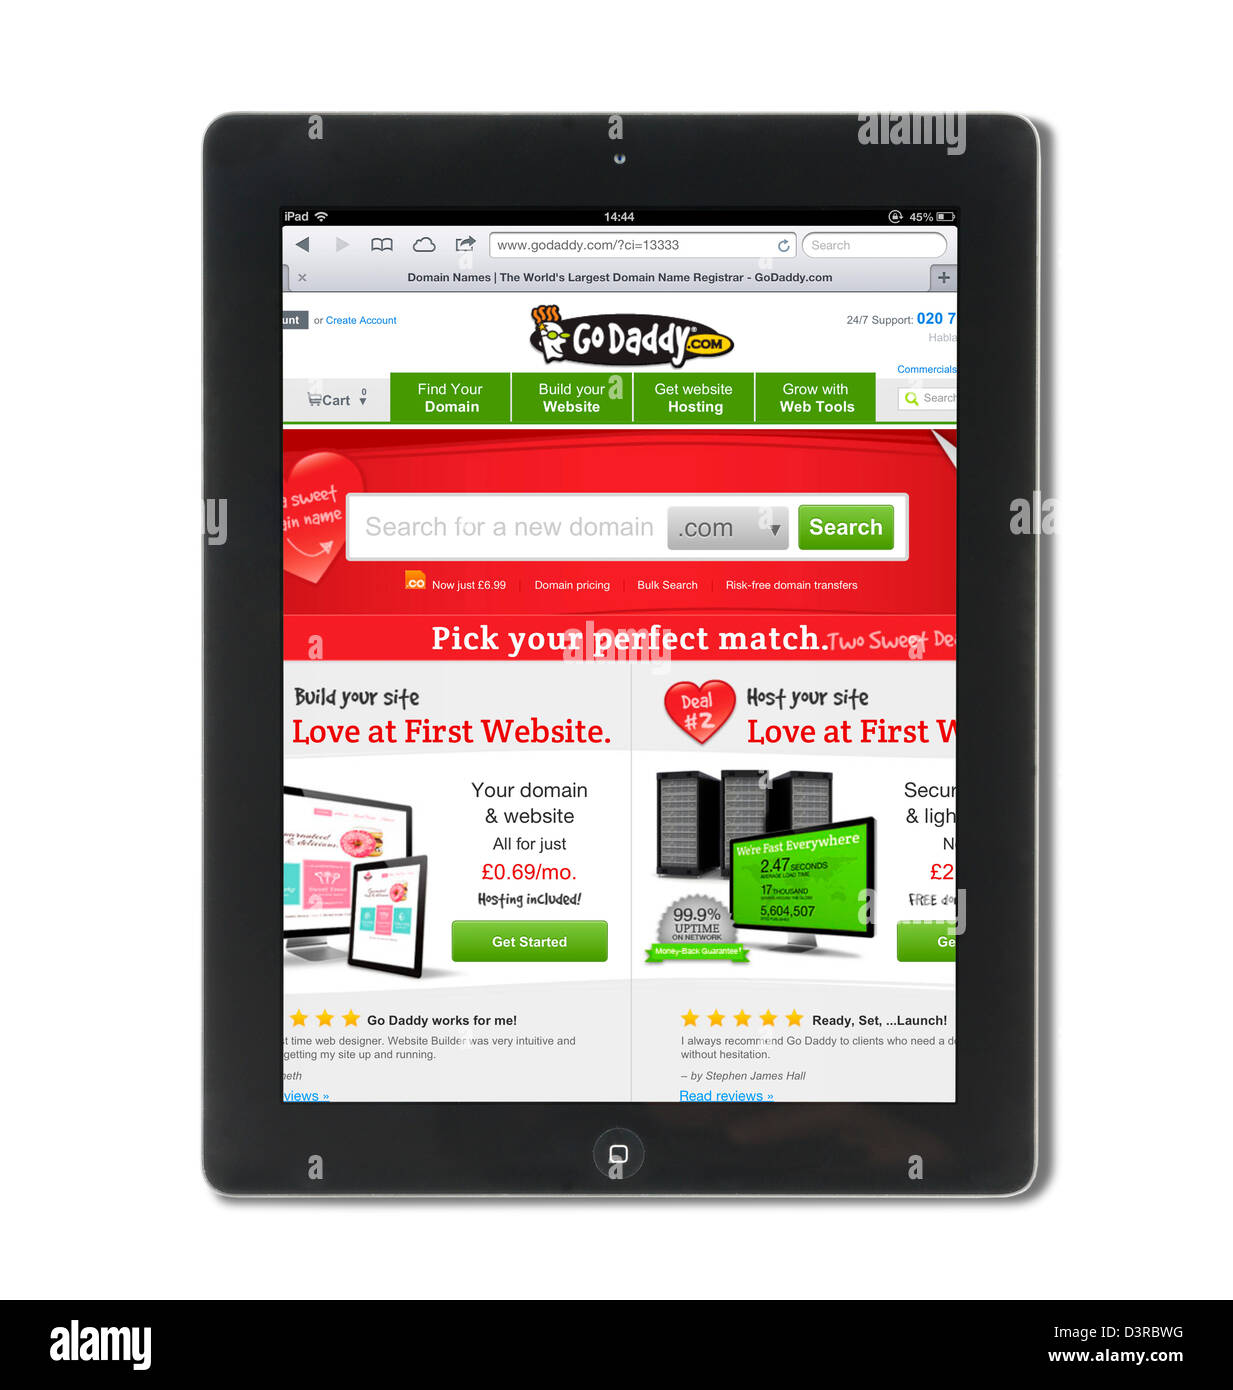 Die Domain-Registrierung und Webhosting Website Go Daddy auf dem iPad eine 4. Generation betrachtet Stockbild